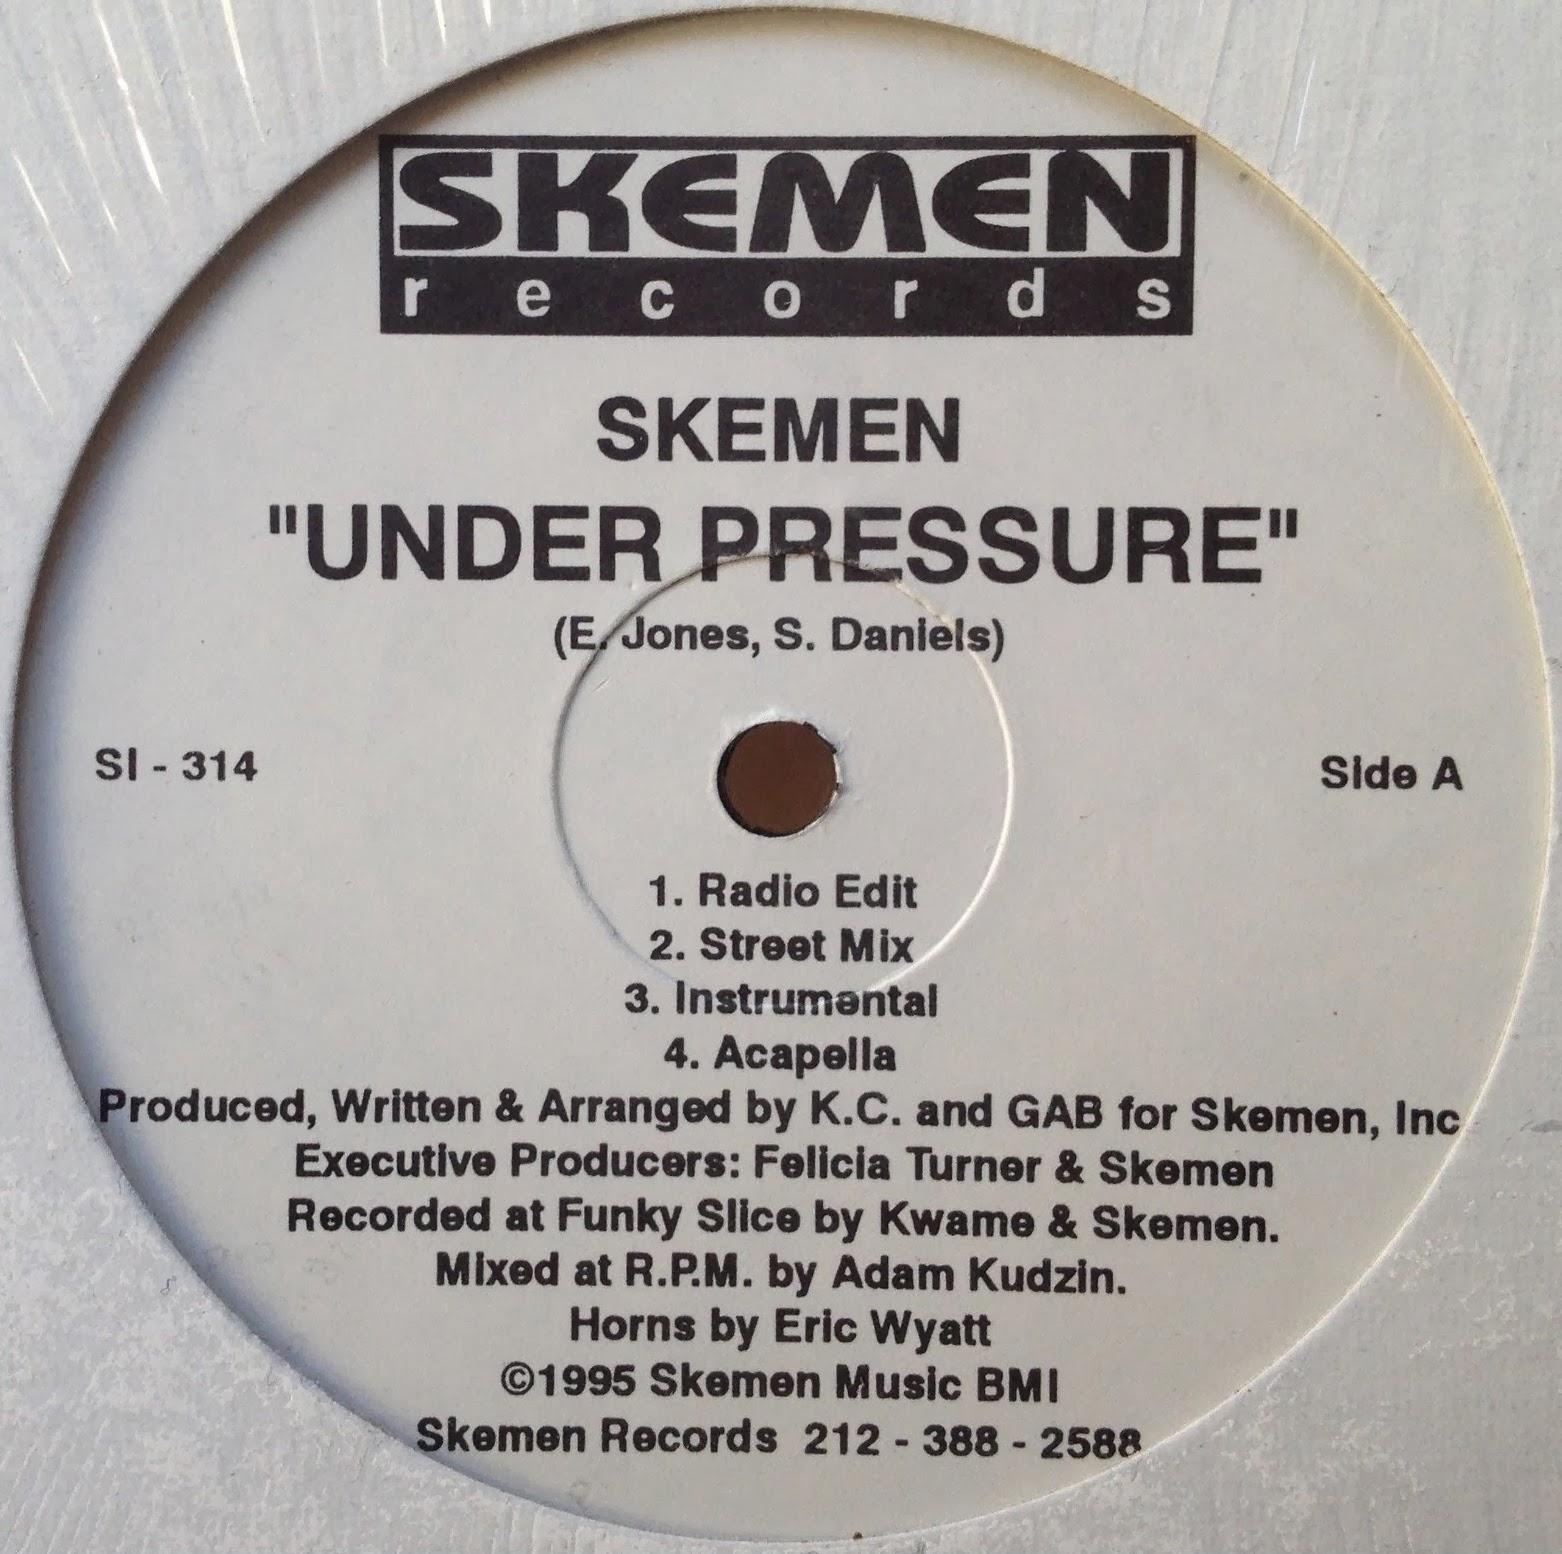 HipHop-TheGoldenEra: Skemen - Under Pressure - 1995